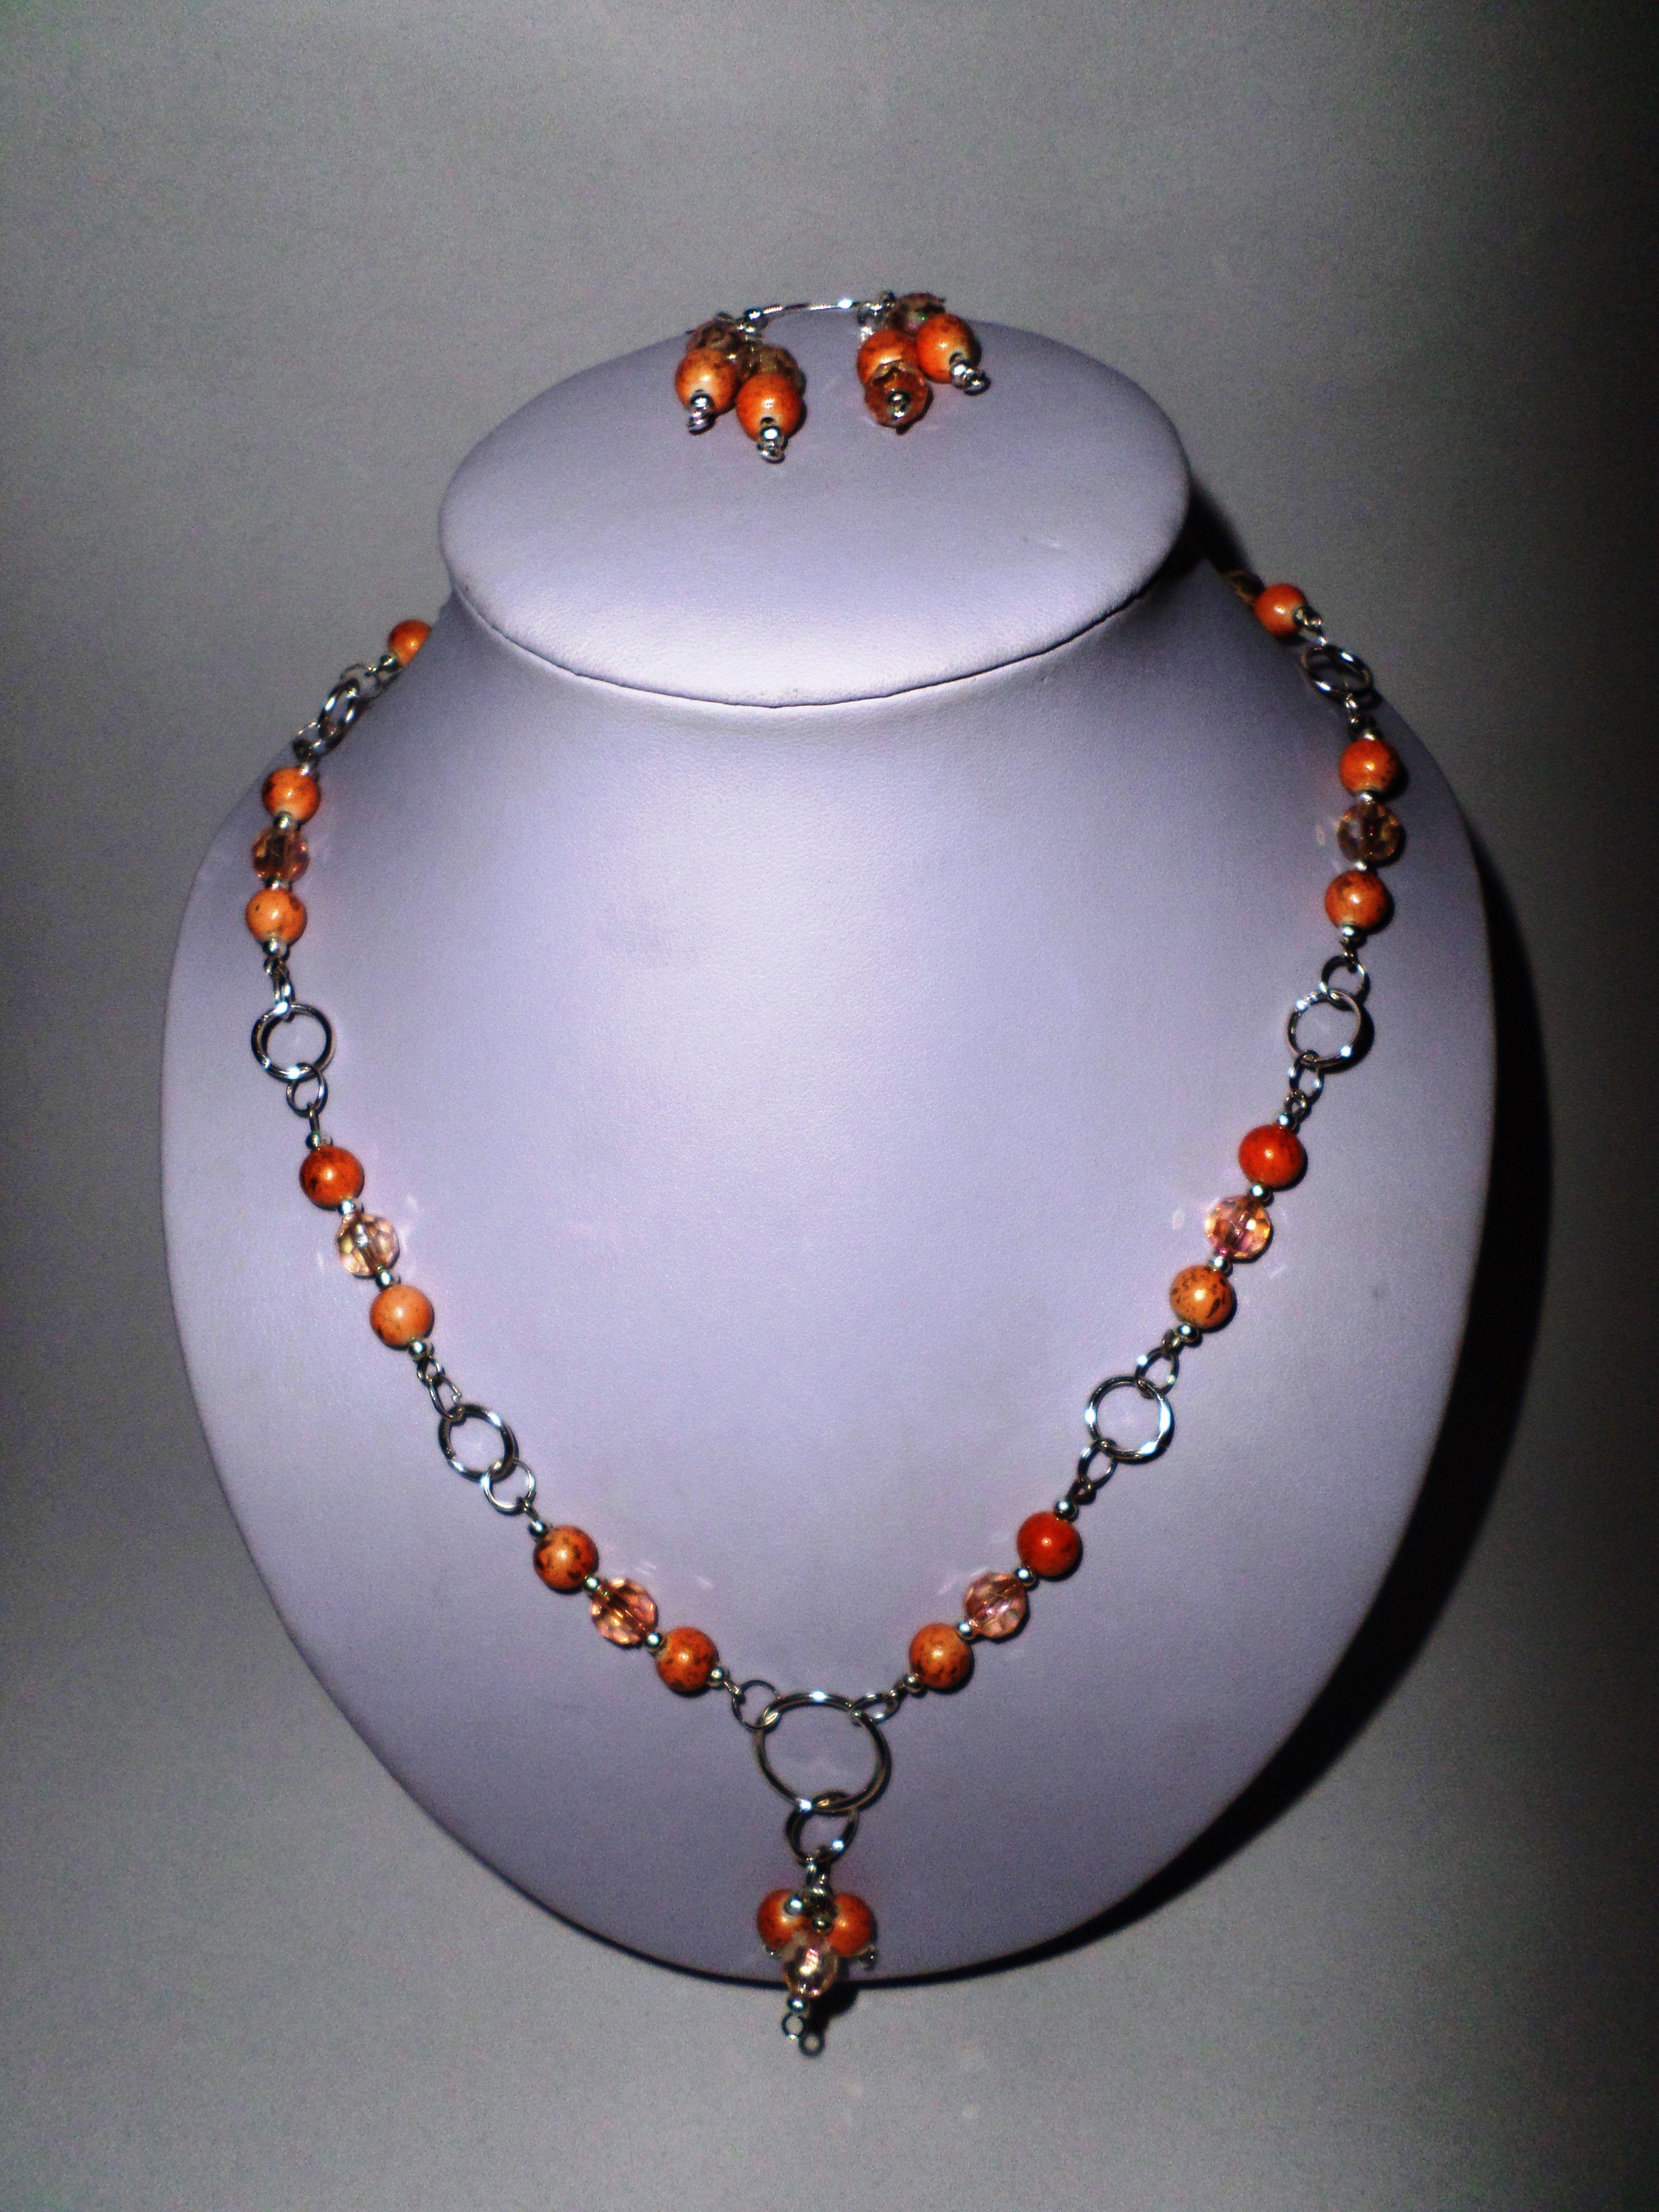 c5a8234ef462 46. Juego de aretes y collar de piedras naranjas con cadena plateada ...